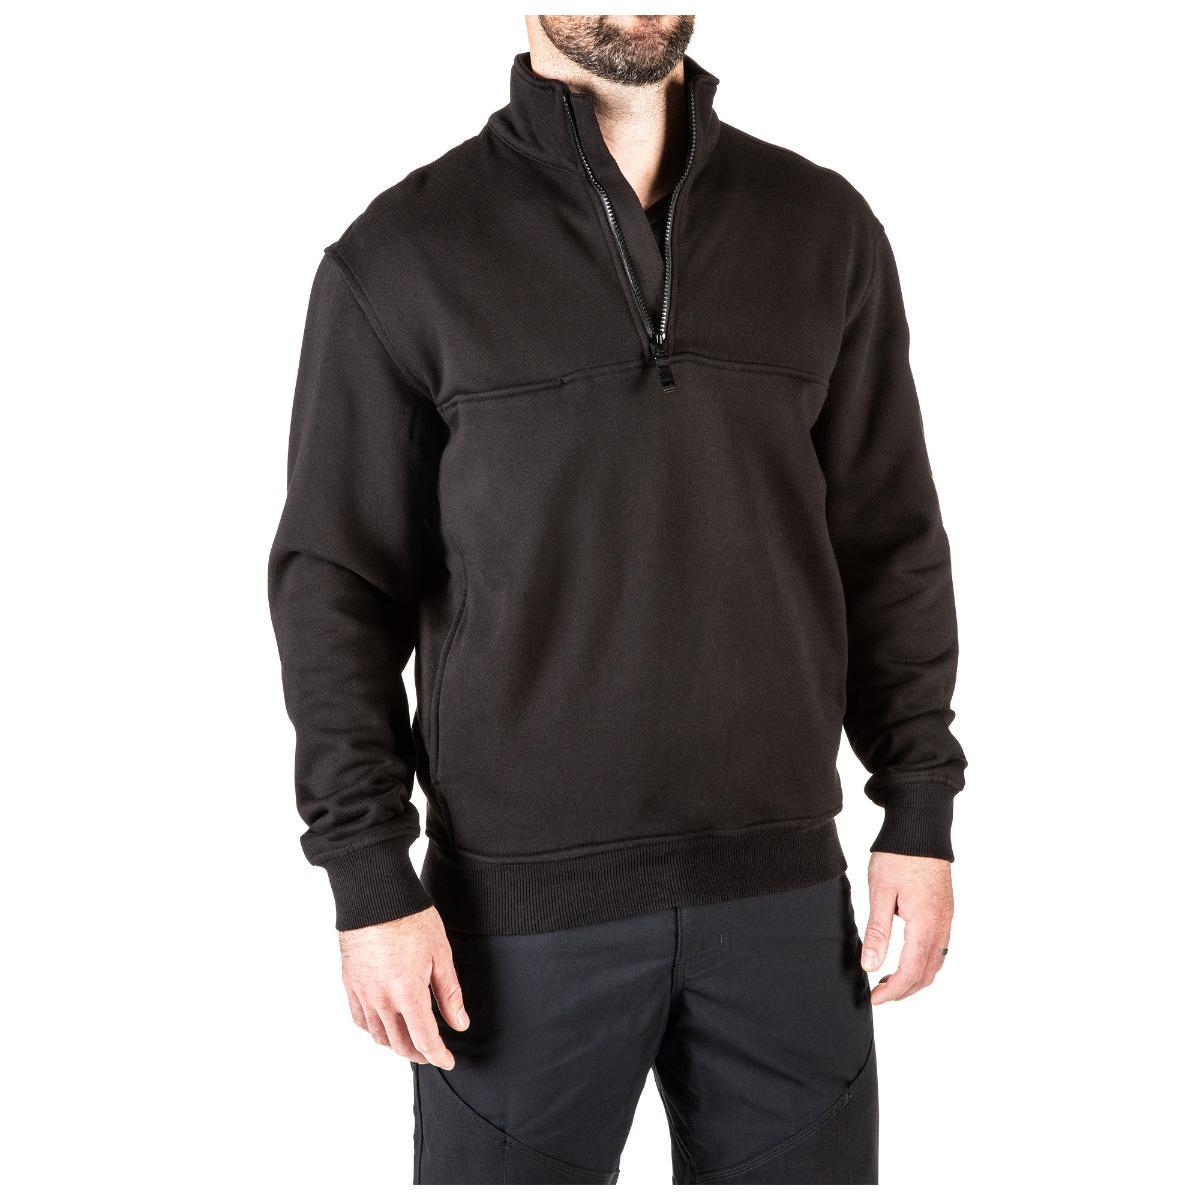 c100e9082ae Buy 5.11 Tactical MenS 1 4 Zip Job Shirt - 5.11 Tactical Online at ...